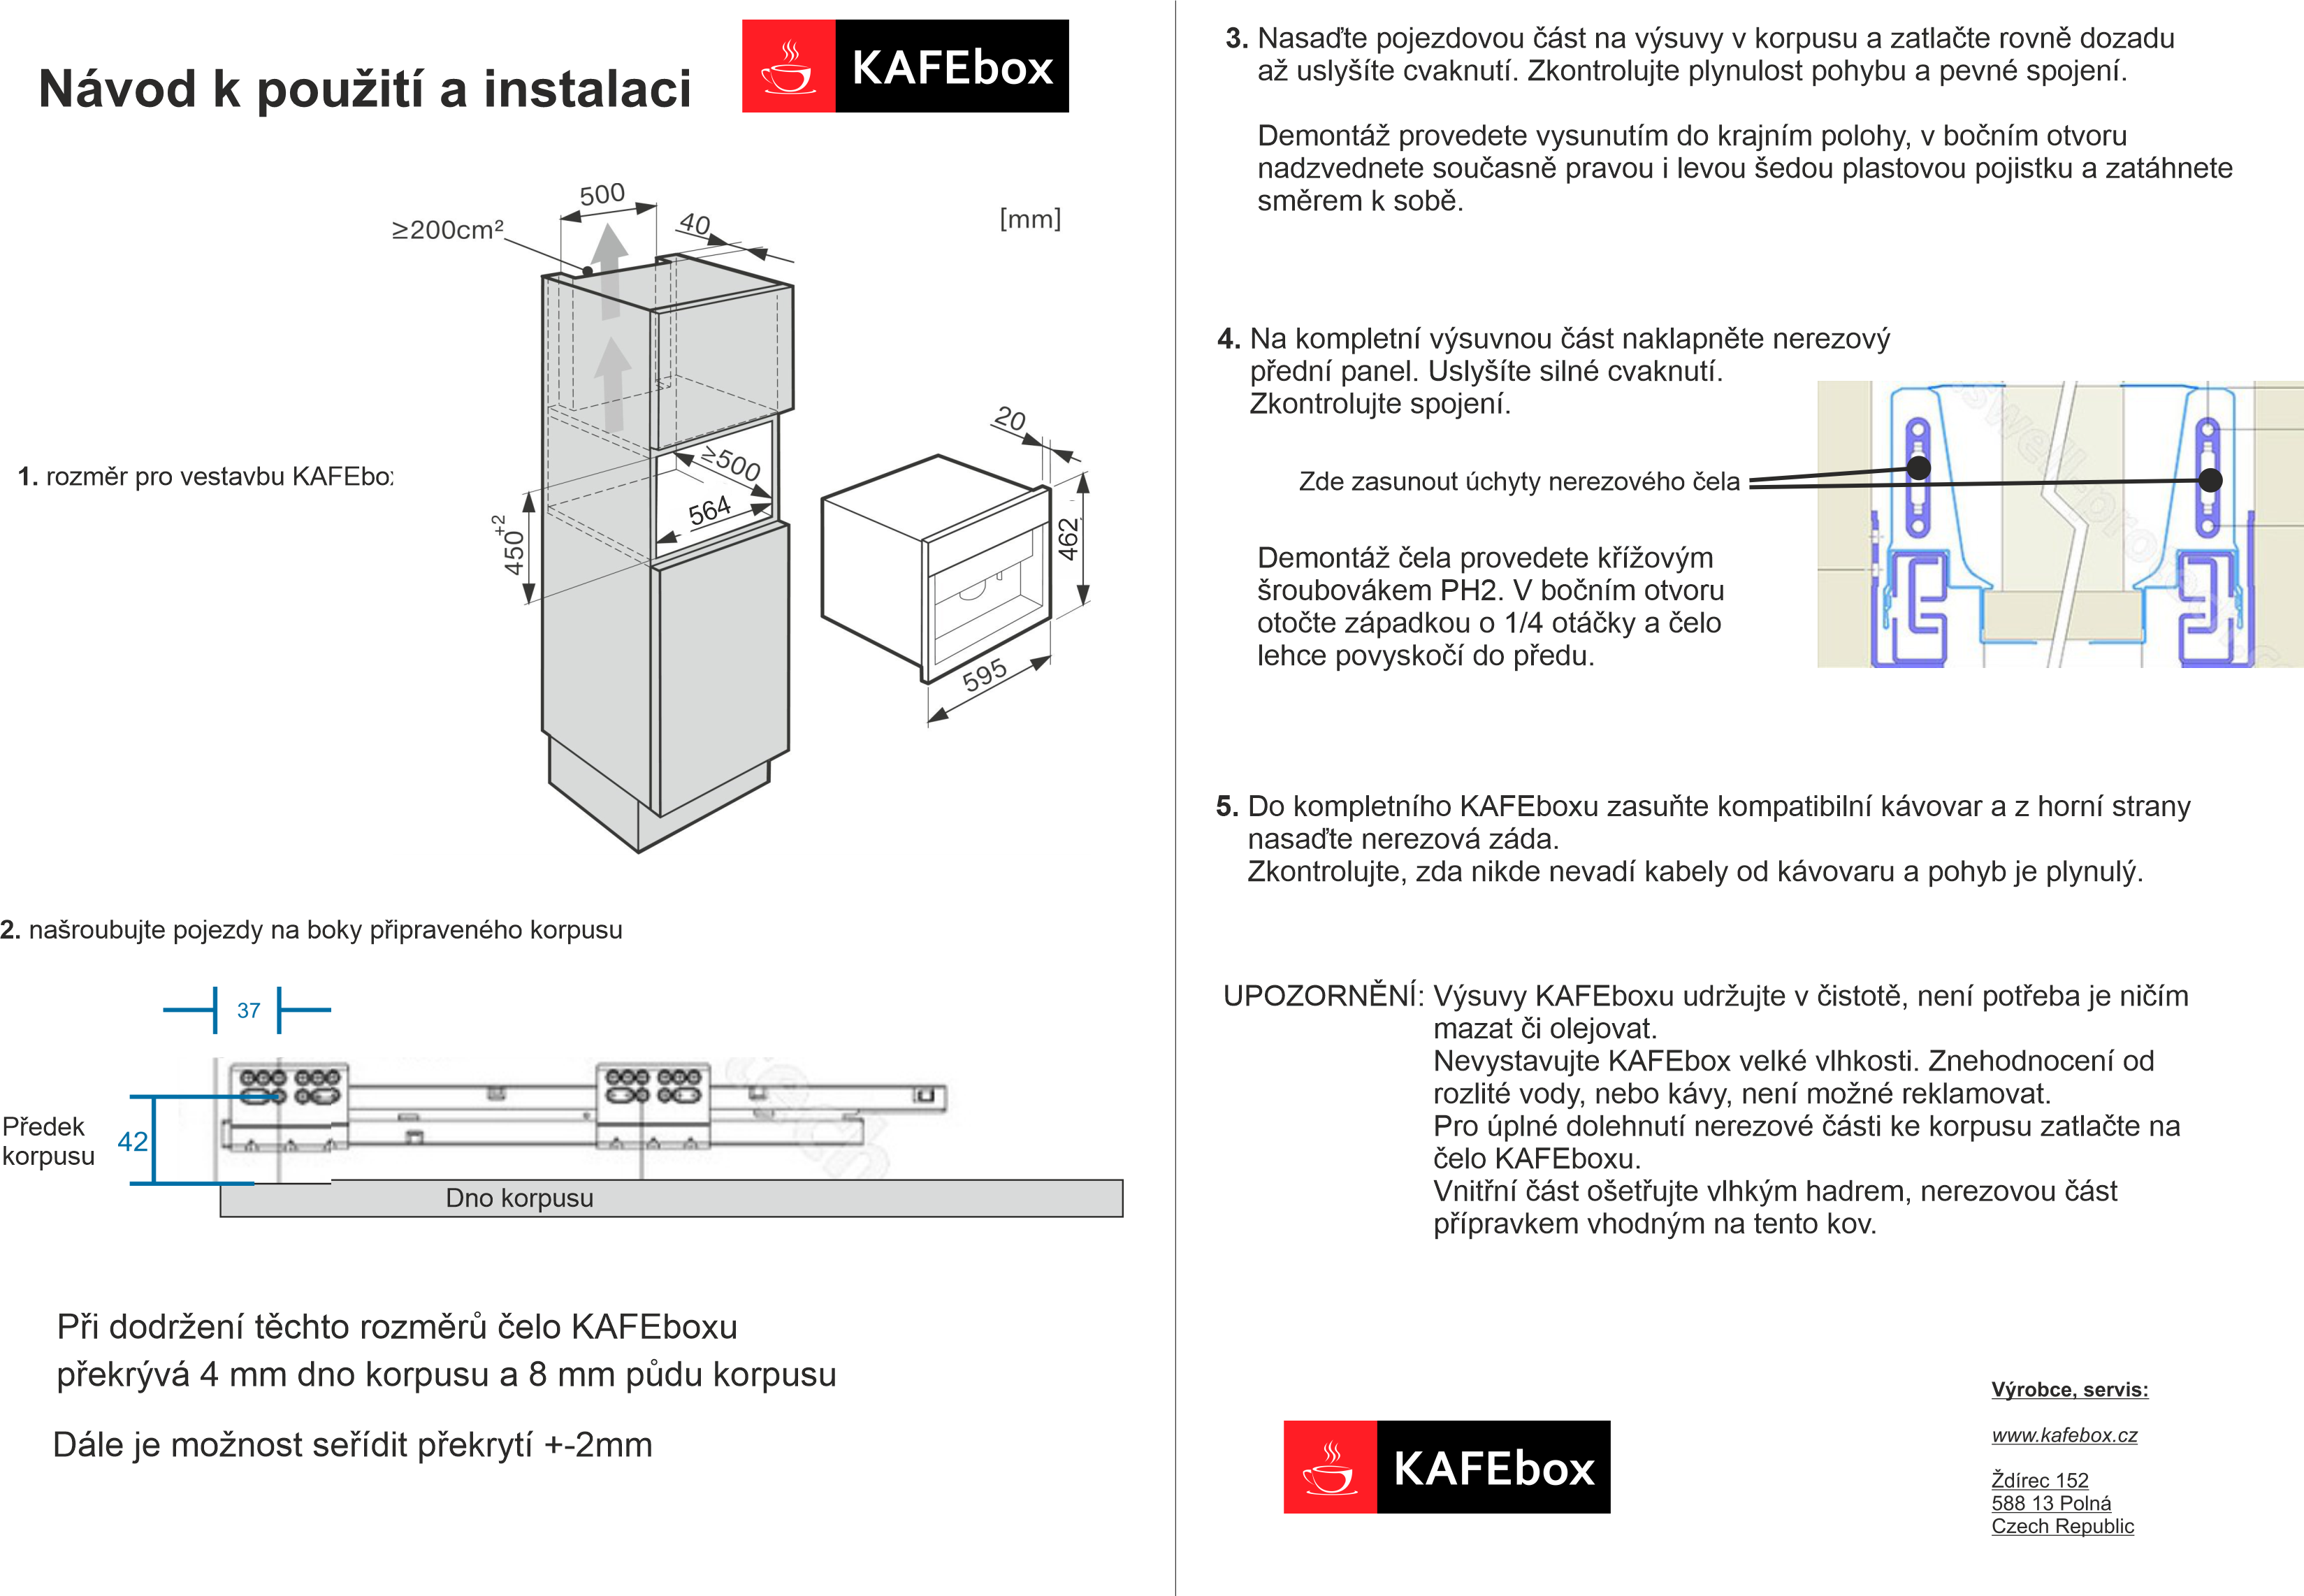 Kafebox%20n%C3%A1vod%20A5%202019.png